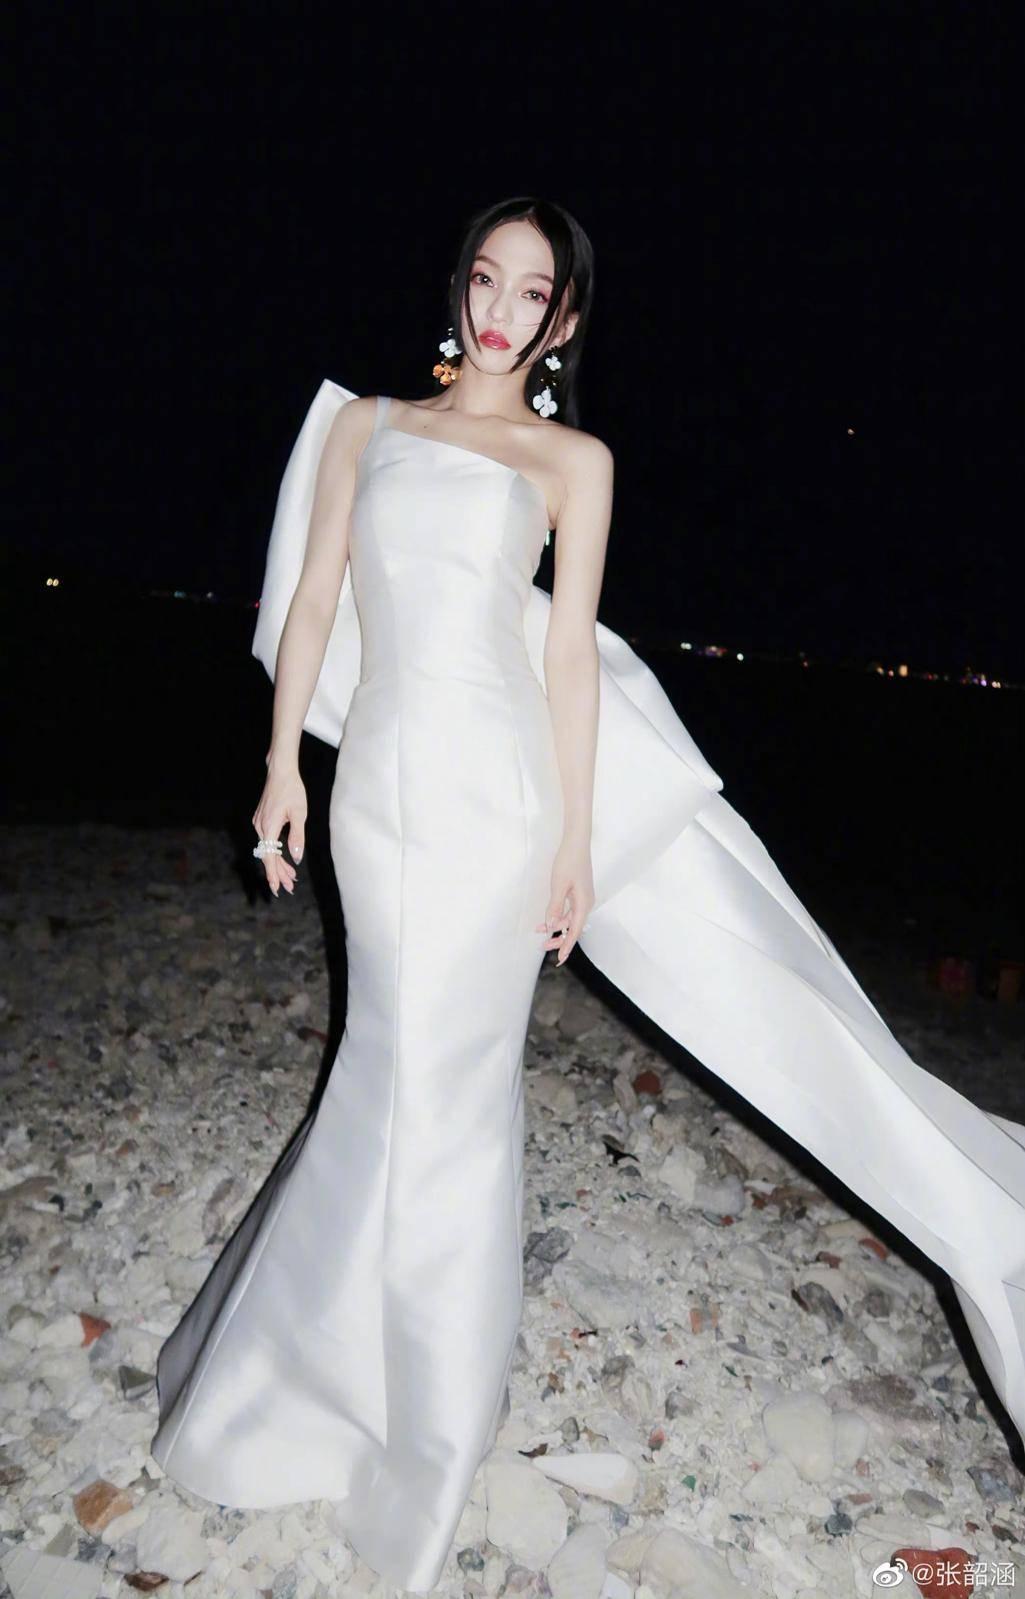 原创             张韶涵高开叉长裙造型,配过膝长靴气场超A,性感迷人不间断